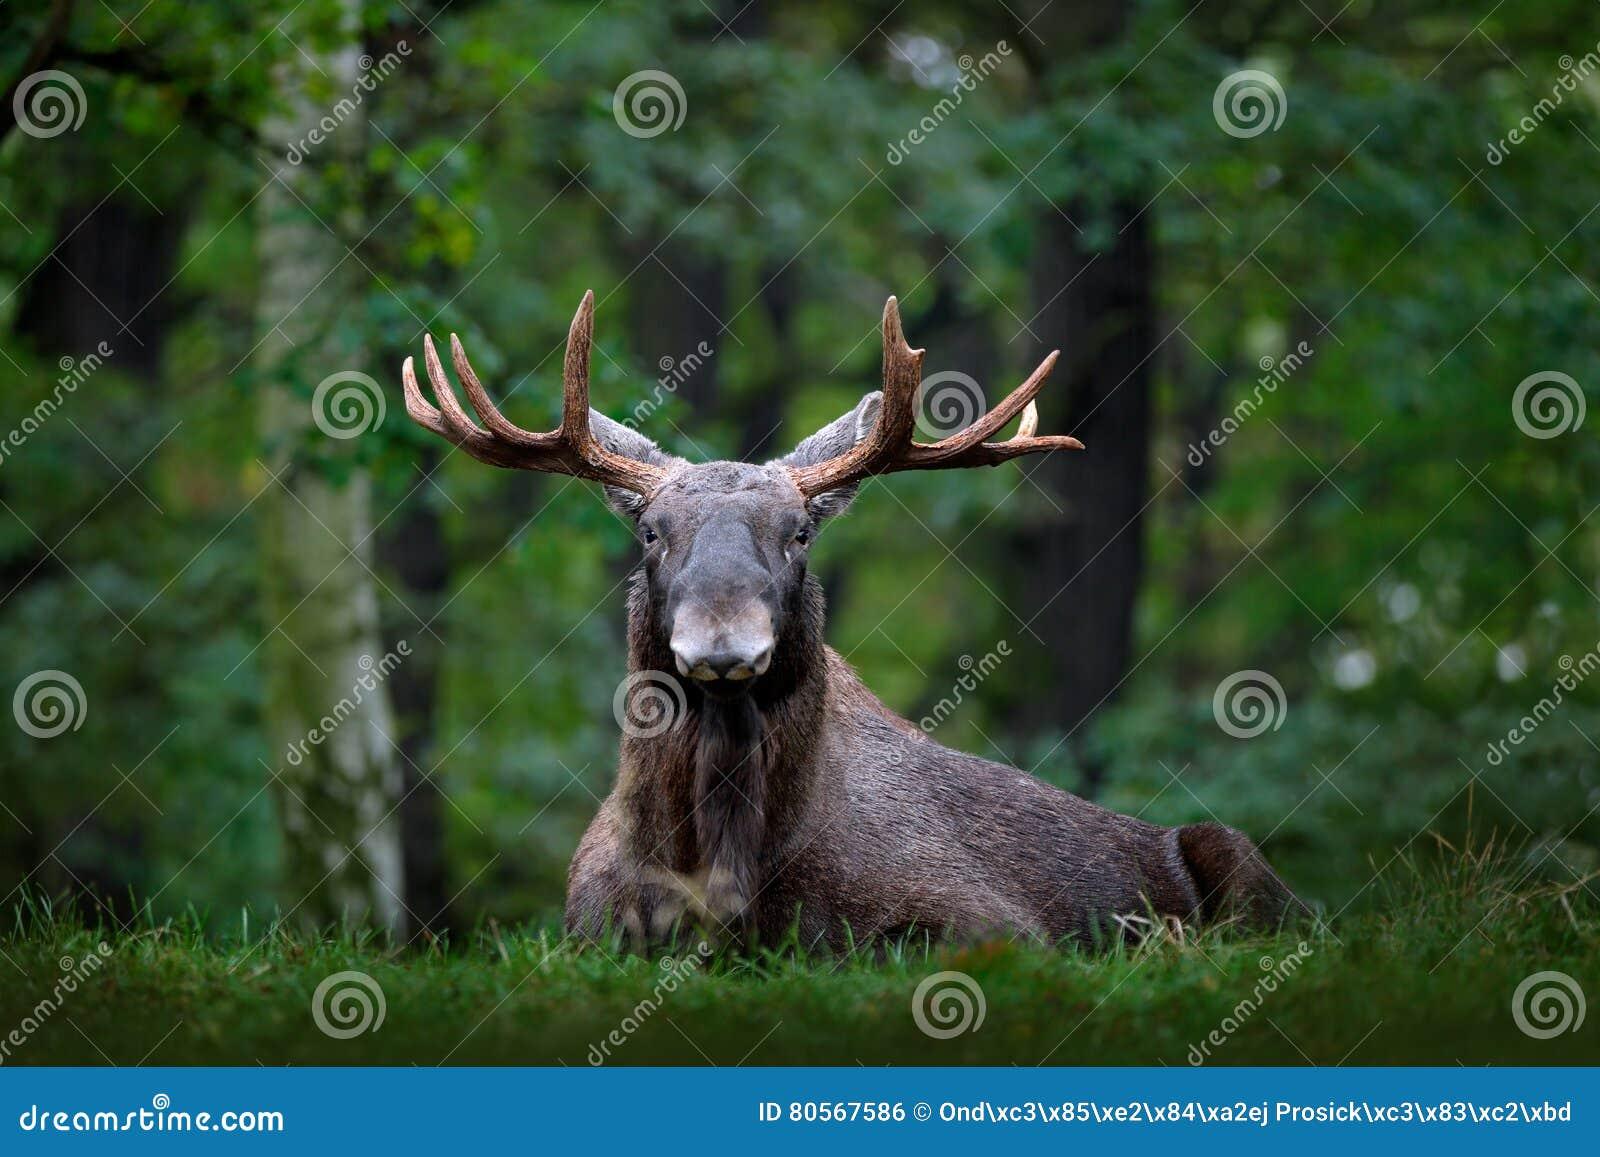 Amerikaanse elanden, Noord-Amerika, of Europees-Aziatische elanden, Eurasia, Alces alces in het donkere bos tijdens regenachtige